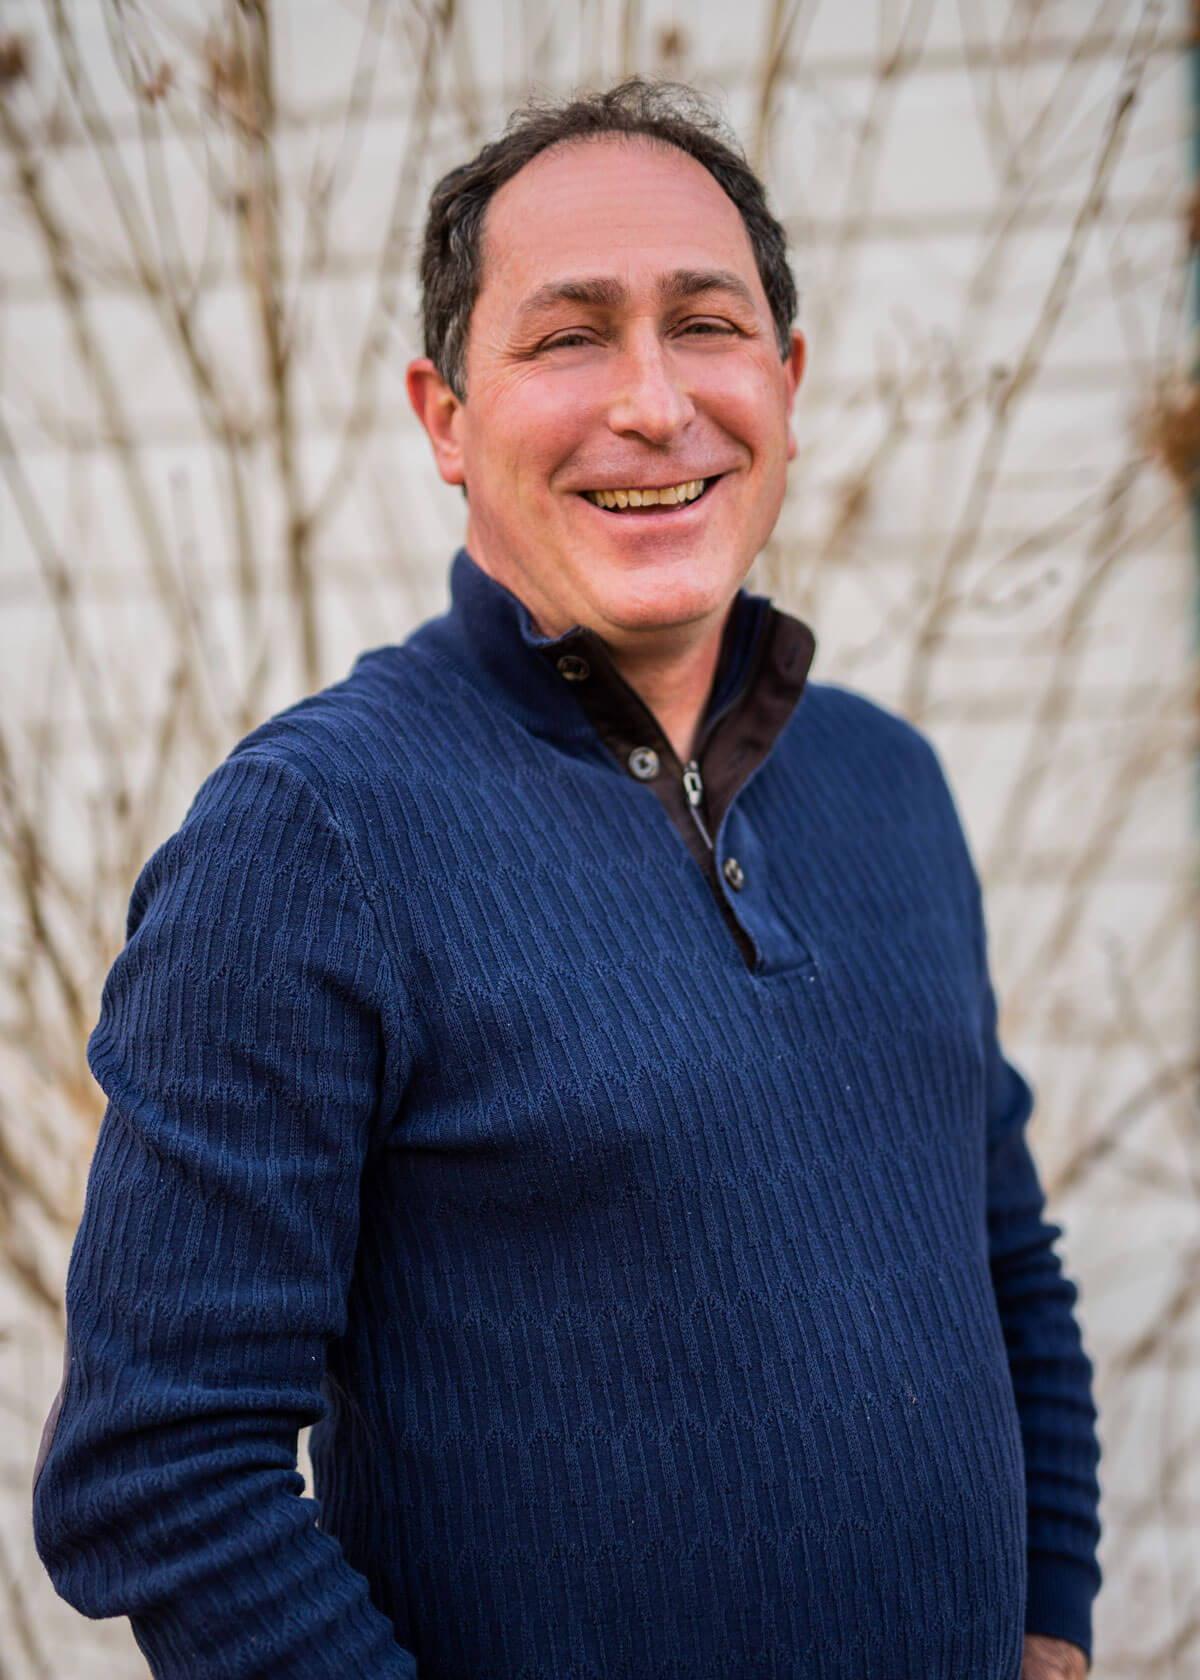 Dr John Hess, MD